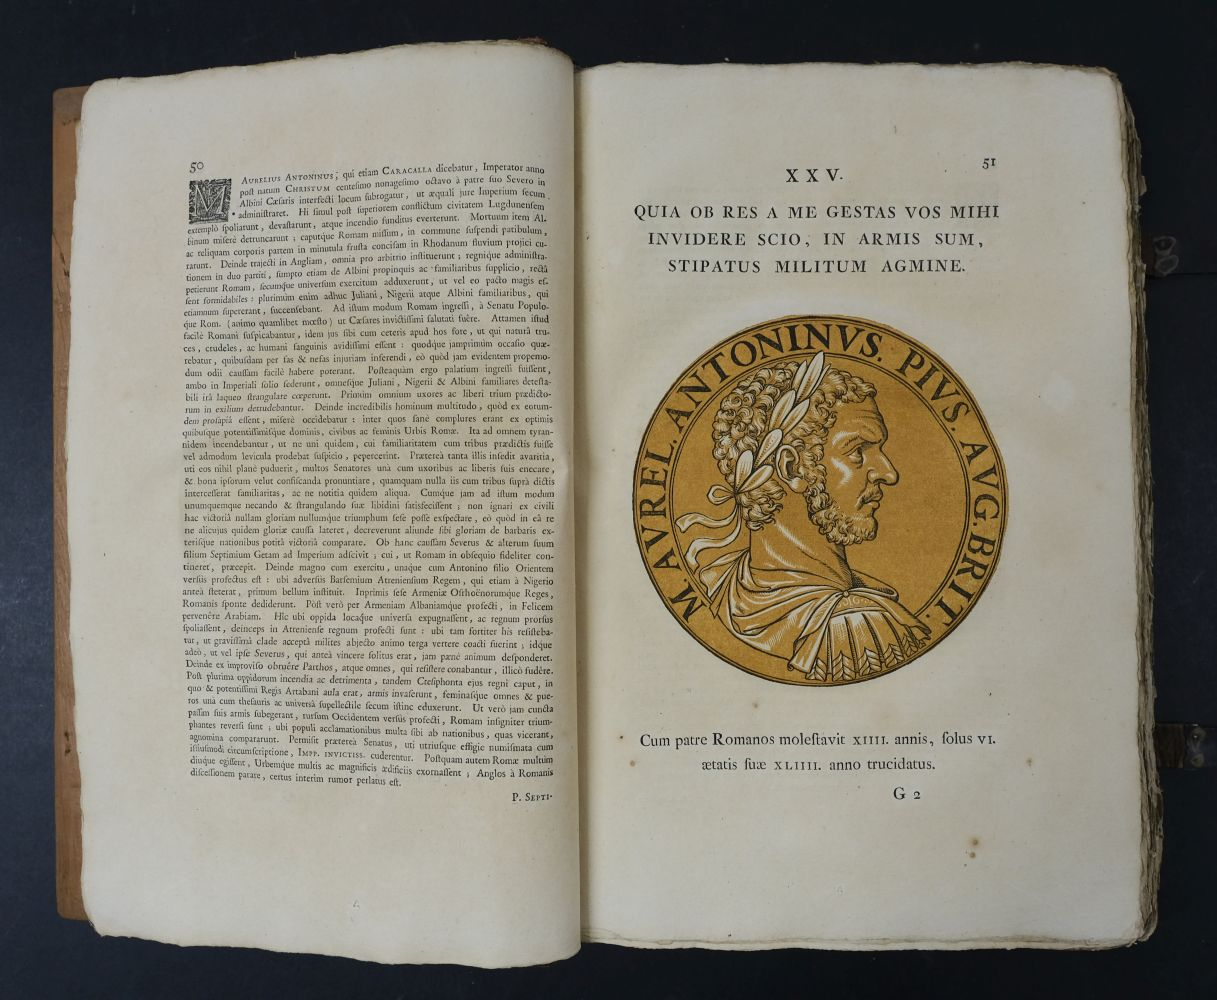 Goltzius (Hubert). Icones Imperatorum Romanorum, 1708 - Image 9 of 13